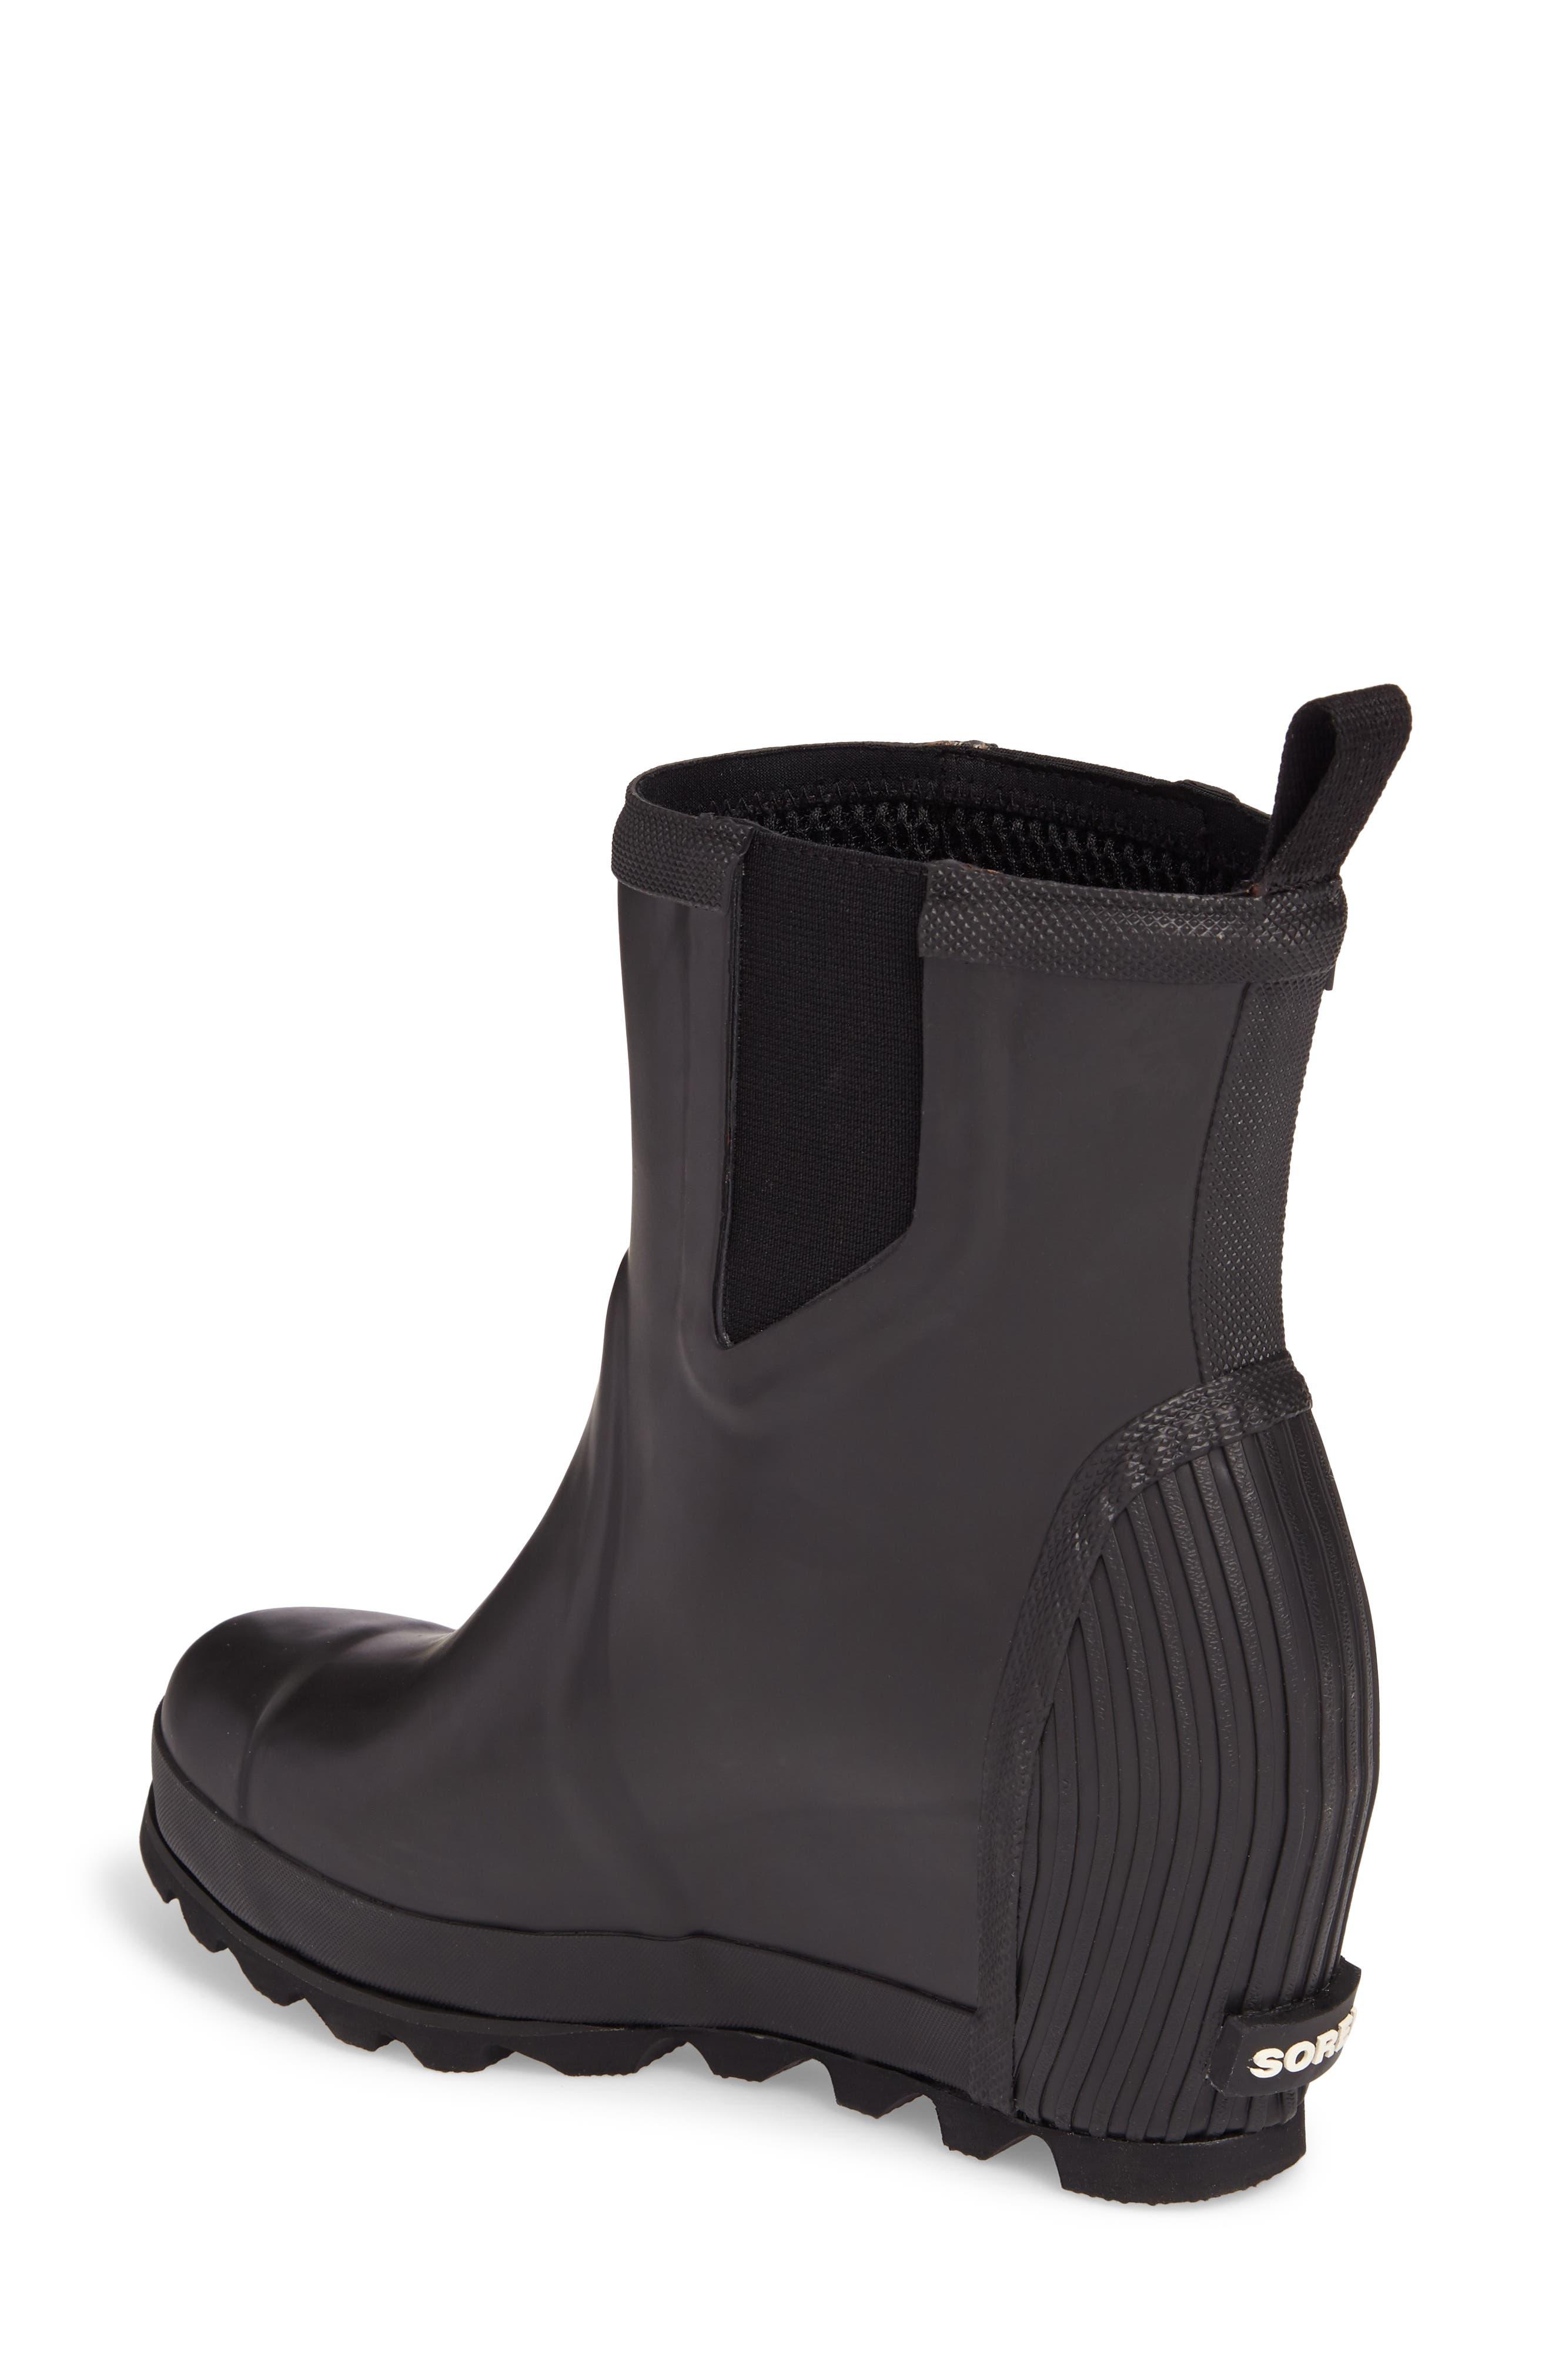 SOREL, Joan of Arctic<sup>™</sup> Wedge Chelsea Rain Boot, Alternate thumbnail 2, color, 010